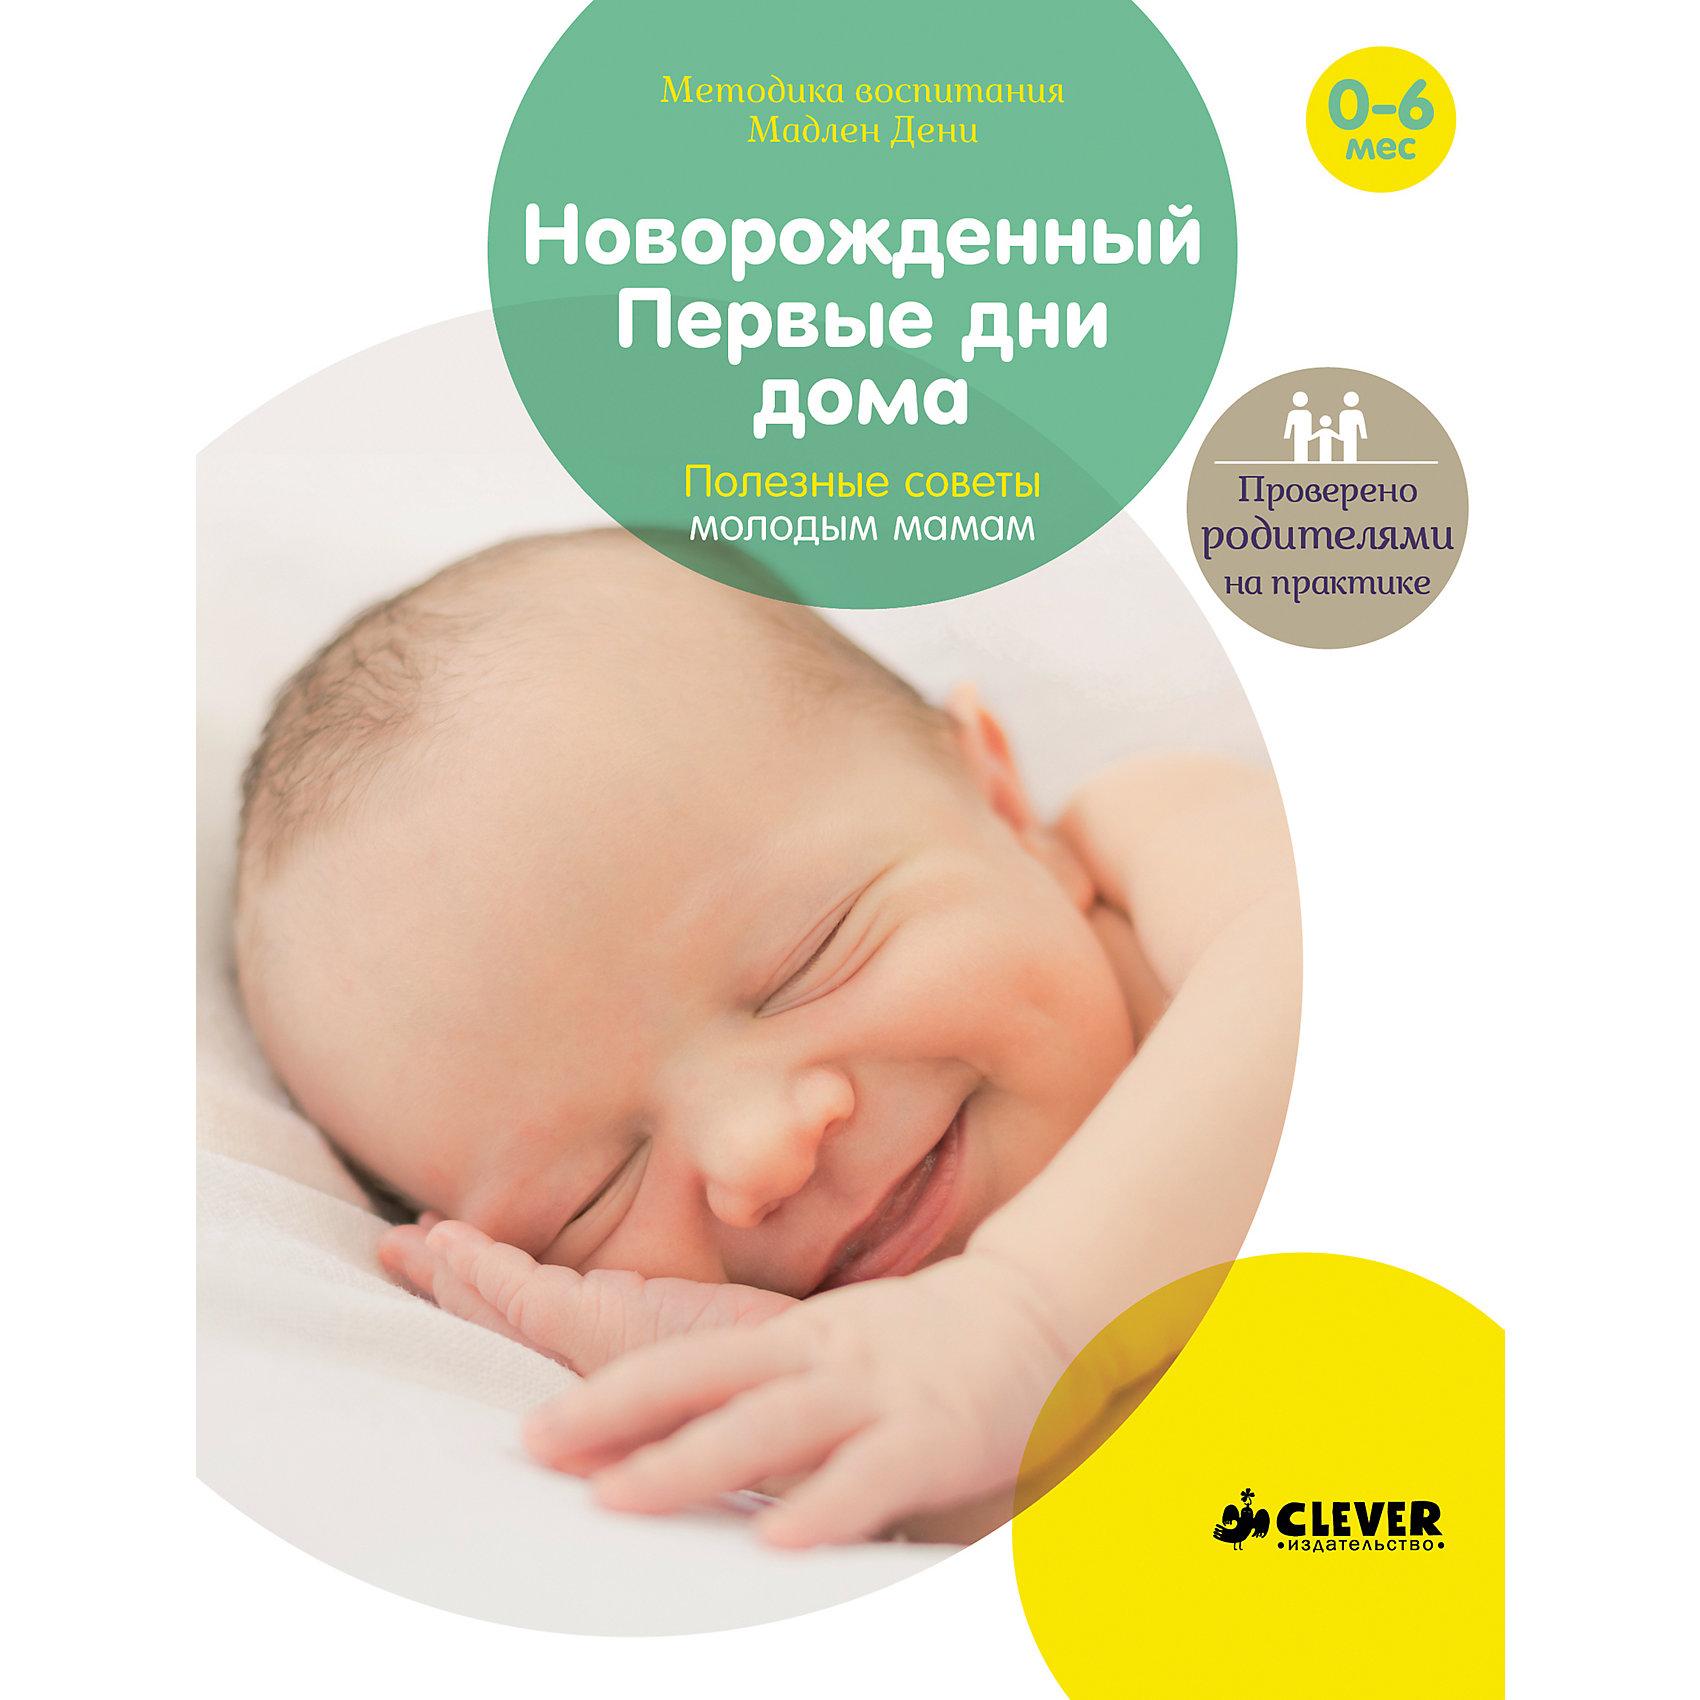 Новорожденный, Первые дни дома, Полезные советы молодым мамамКниги для родителей<br>Новорожденный, Первые дни дома, Полезные советы молодым мамам<br><br>Характеристики:<br><br>• ISBN: 978-5-906899-61-3<br>• Кол-во страниц: 96<br>• Возраст: от 0 месяцев<br>• Формат: а5<br>• Размер книги: 194x150x4 мм<br>• Бумага: офсет<br>• Вес: 144 г<br>• Обложка: мягкая<br><br>Мадлен Дени, французский педагог и психолог, создала целую линейку книг-помощниц для начинающих родителей. Первые дни дома всегда тяжелое испытание для родителей. Данная книга поможет найти ответ на любой вопрос, возникающий на пути. Простые советы и легкие инструкции, без осуждения и с ободрением. Как устроить безопасную зону для ребенка? Стоит ли будить для кормления? Почему ребенок плачет? И много других вопросов и ответов.<br> <br>Новорожденный, Первые дни дома, Полезные советы молодым мамам можно купить в нашем интернет-магазине.<br><br>Ширина мм: 195<br>Глубина мм: 150<br>Высота мм: 5<br>Вес г: 144<br>Возраст от месяцев: 192<br>Возраст до месяцев: 2147483647<br>Пол: Унисекс<br>Возраст: Детский<br>SKU: 5377789